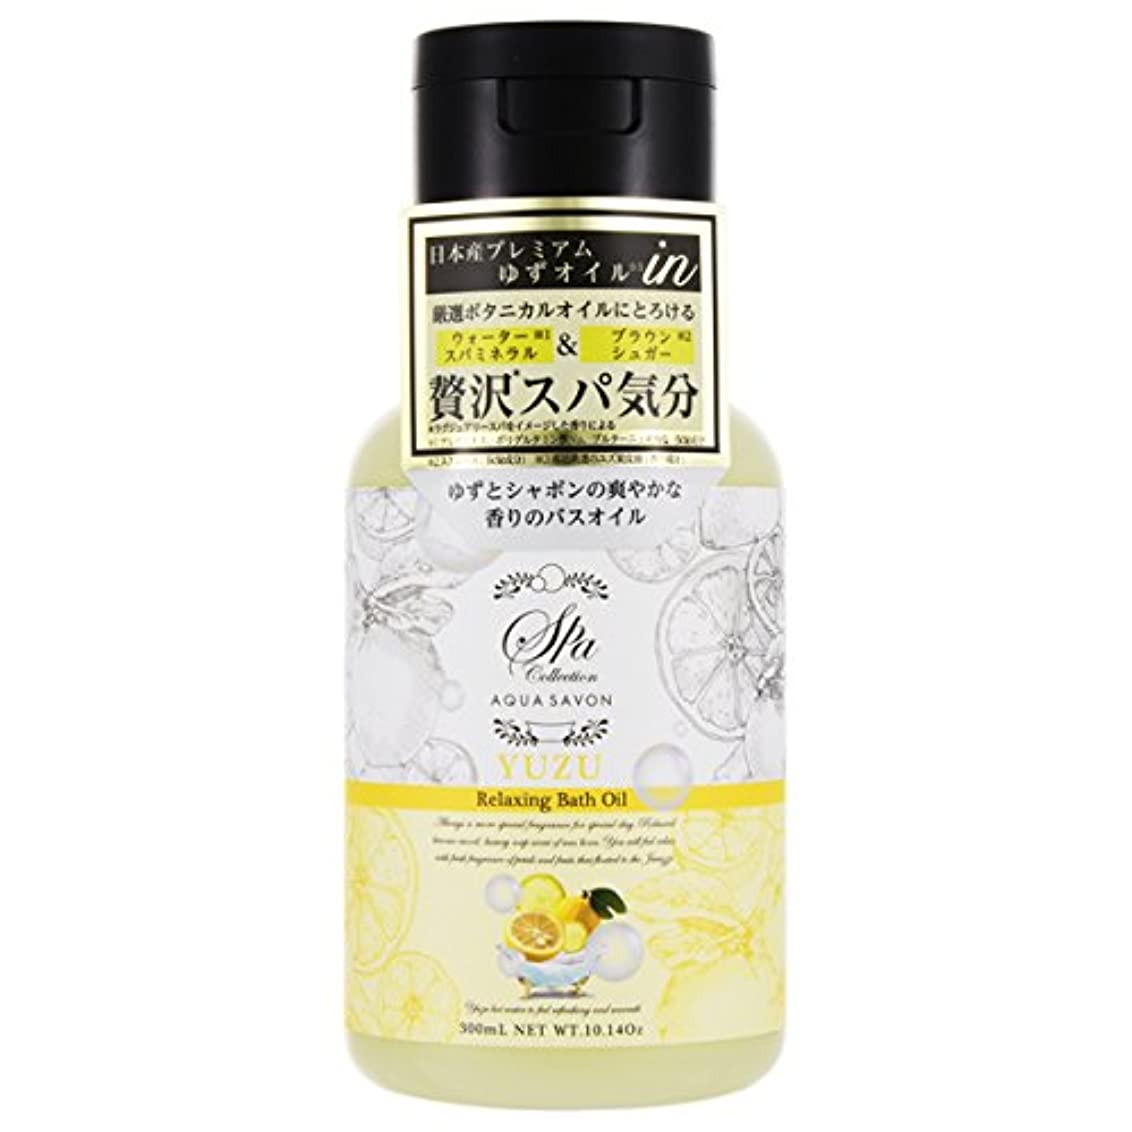 敵休憩お願いしますアクアシャボン スパコレクション リラクシングバスオイル ゆずスパの香り 300ml 【アクアシャボン】